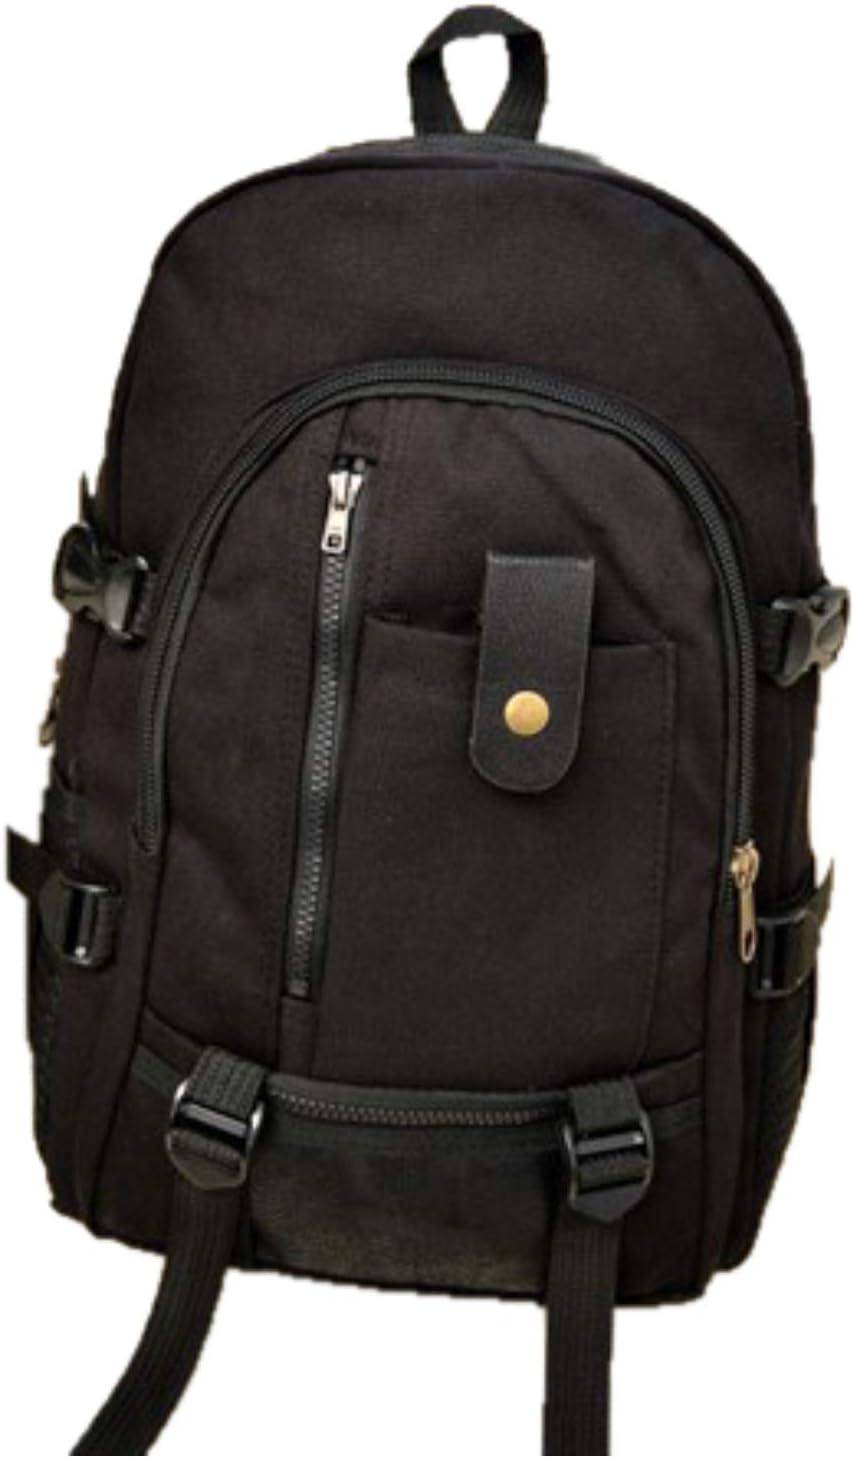 specialty shop Elonglin Men's Water Resistant School Rucksack Laptop Backpack C Superlatite